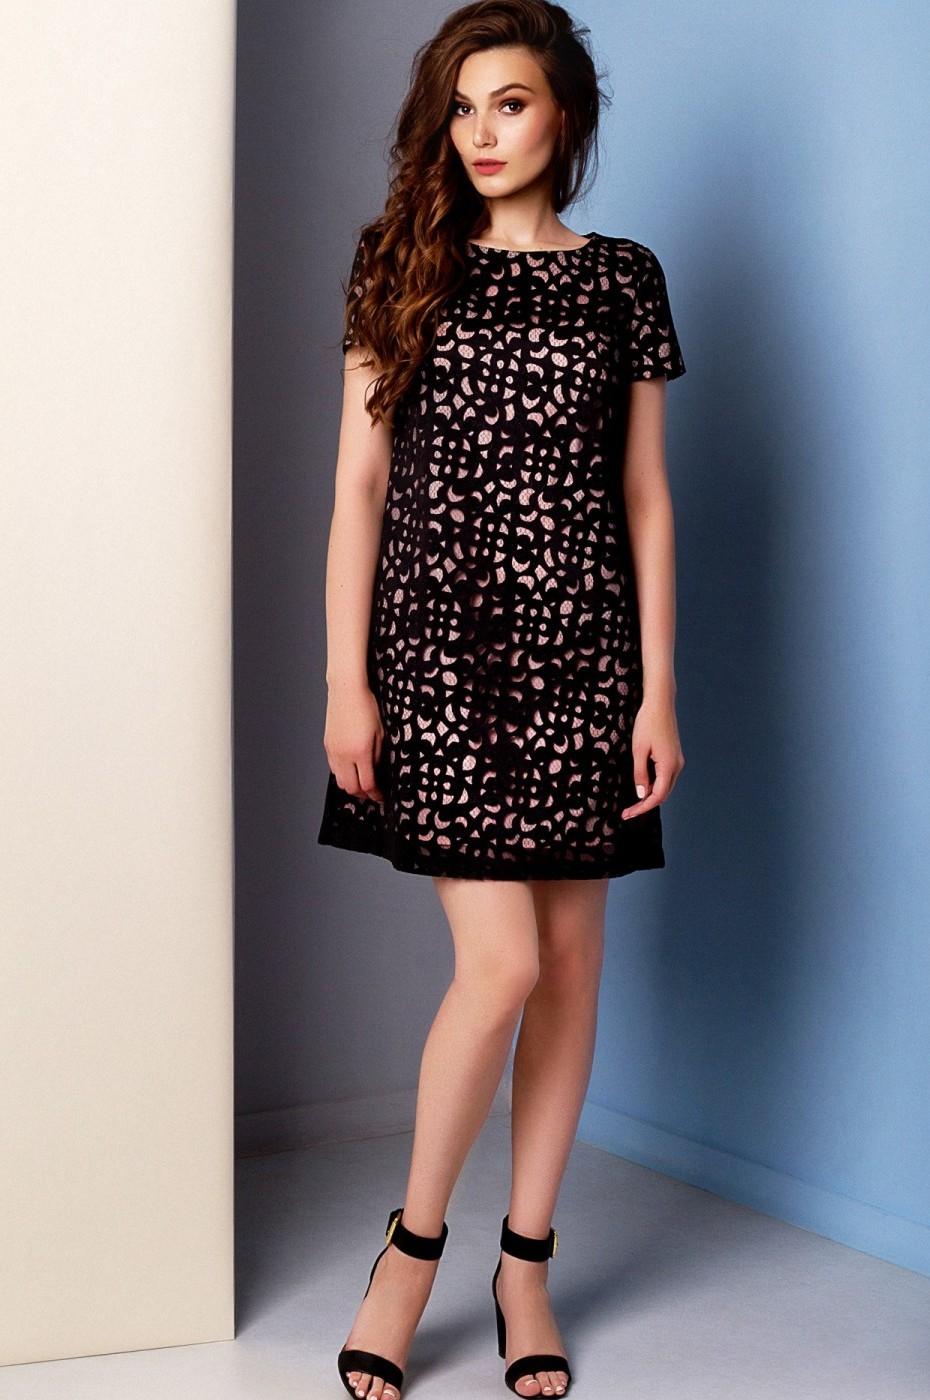 39d578a7a6d Это мини-платье А-силуэта отлично подойдет для вечеринки с танцами.  Поклонницы гороскопов